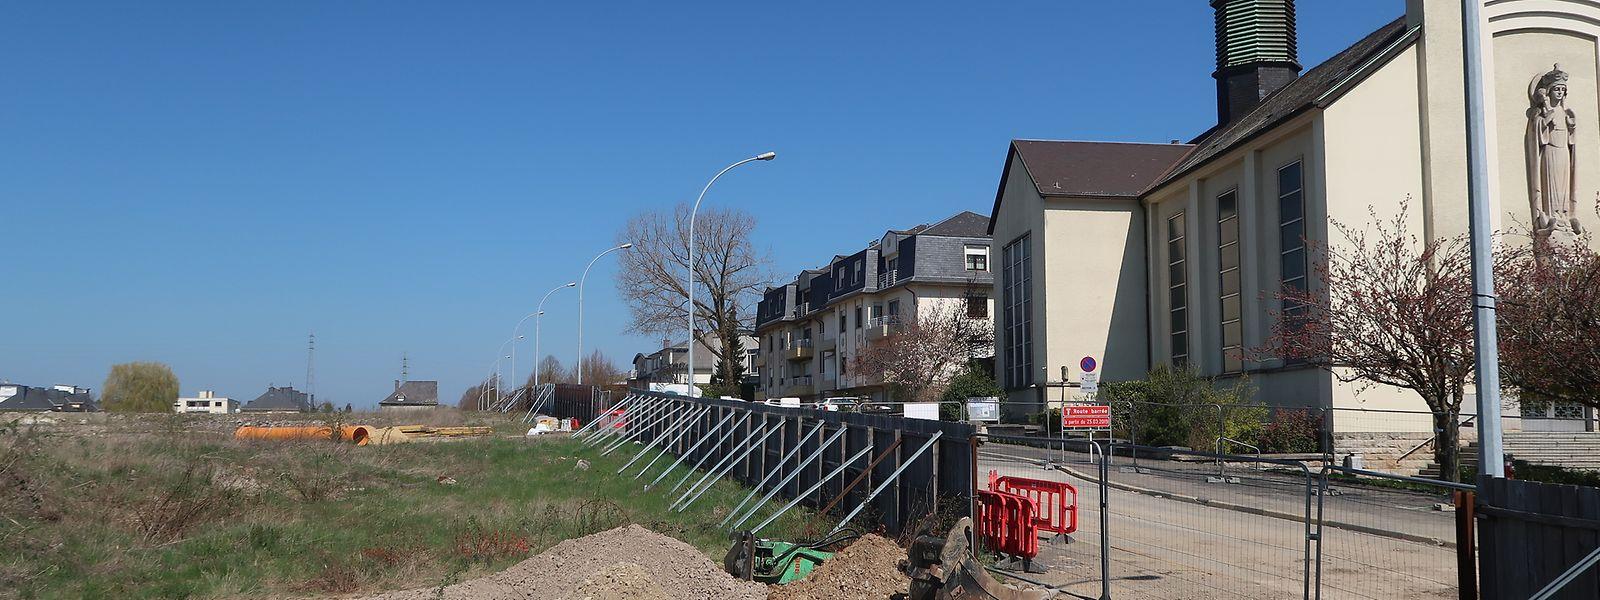 2009 wurde der Cactus Hobby in Lallingen abgerissen. Seitdem steht das Gelände brach.